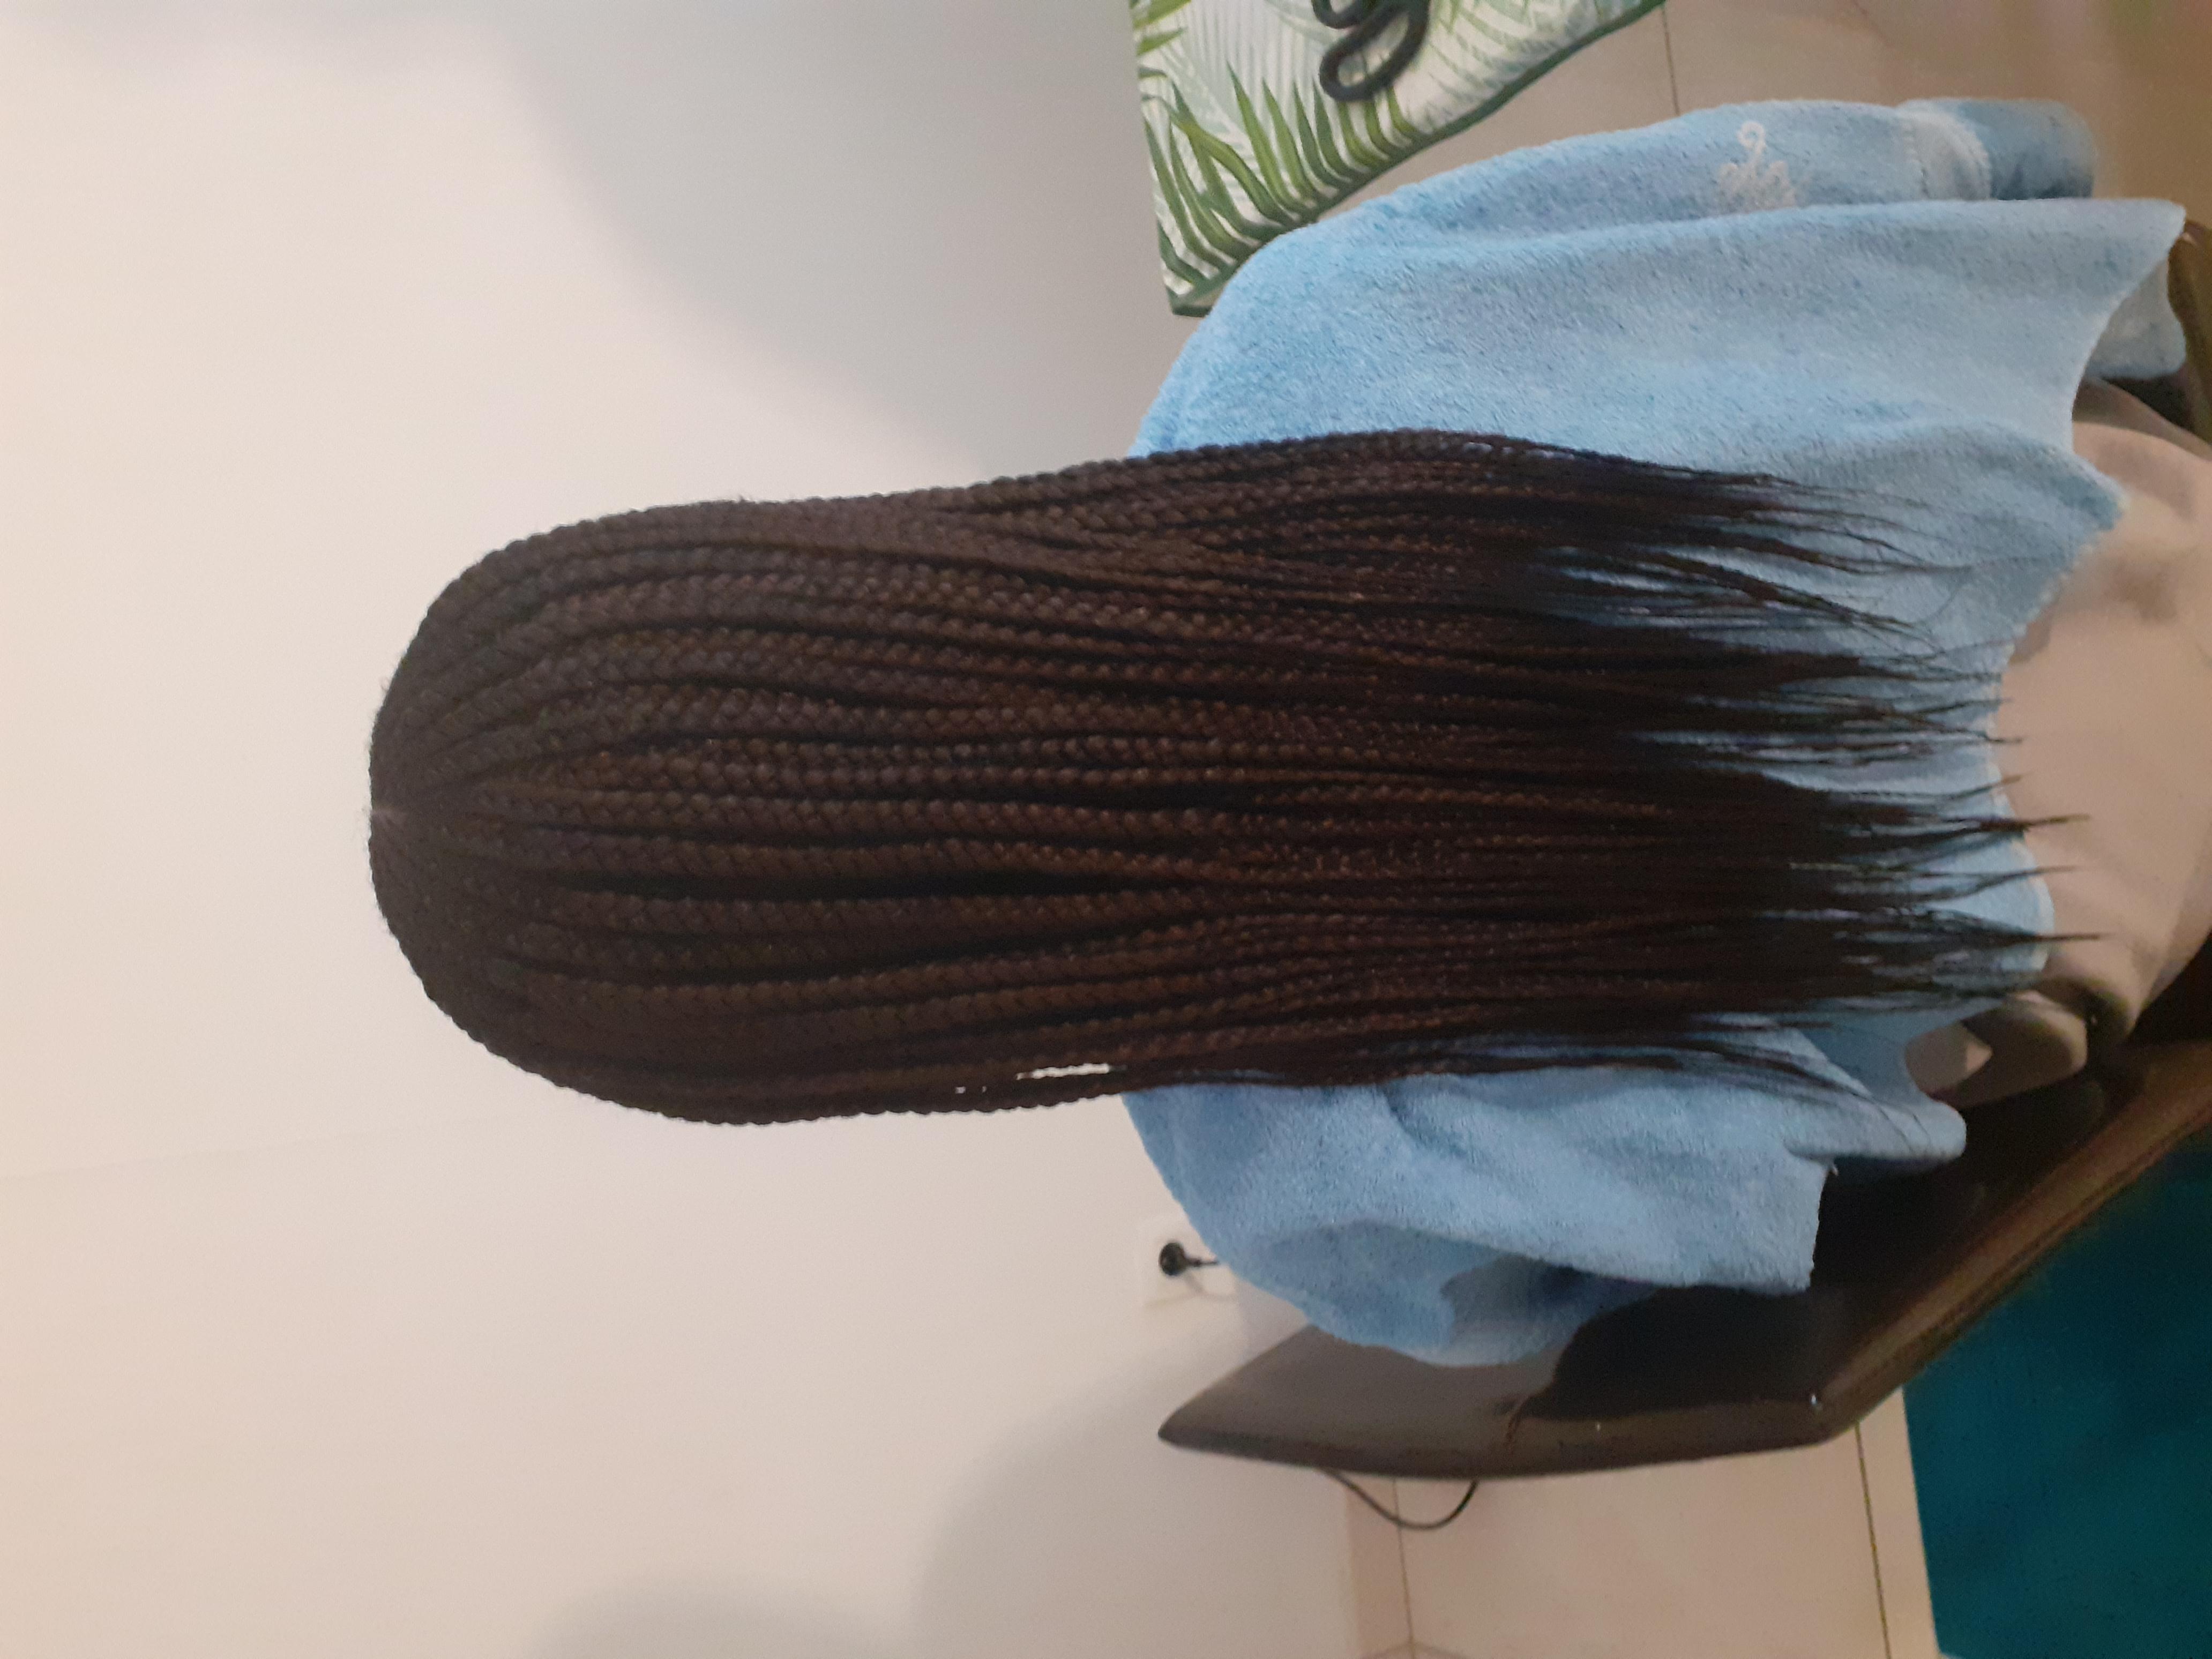 salon de coiffure afro tresse tresses box braids crochet braids vanilles tissages paris 75 77 78 91 92 93 94 95 BMWLPRKK